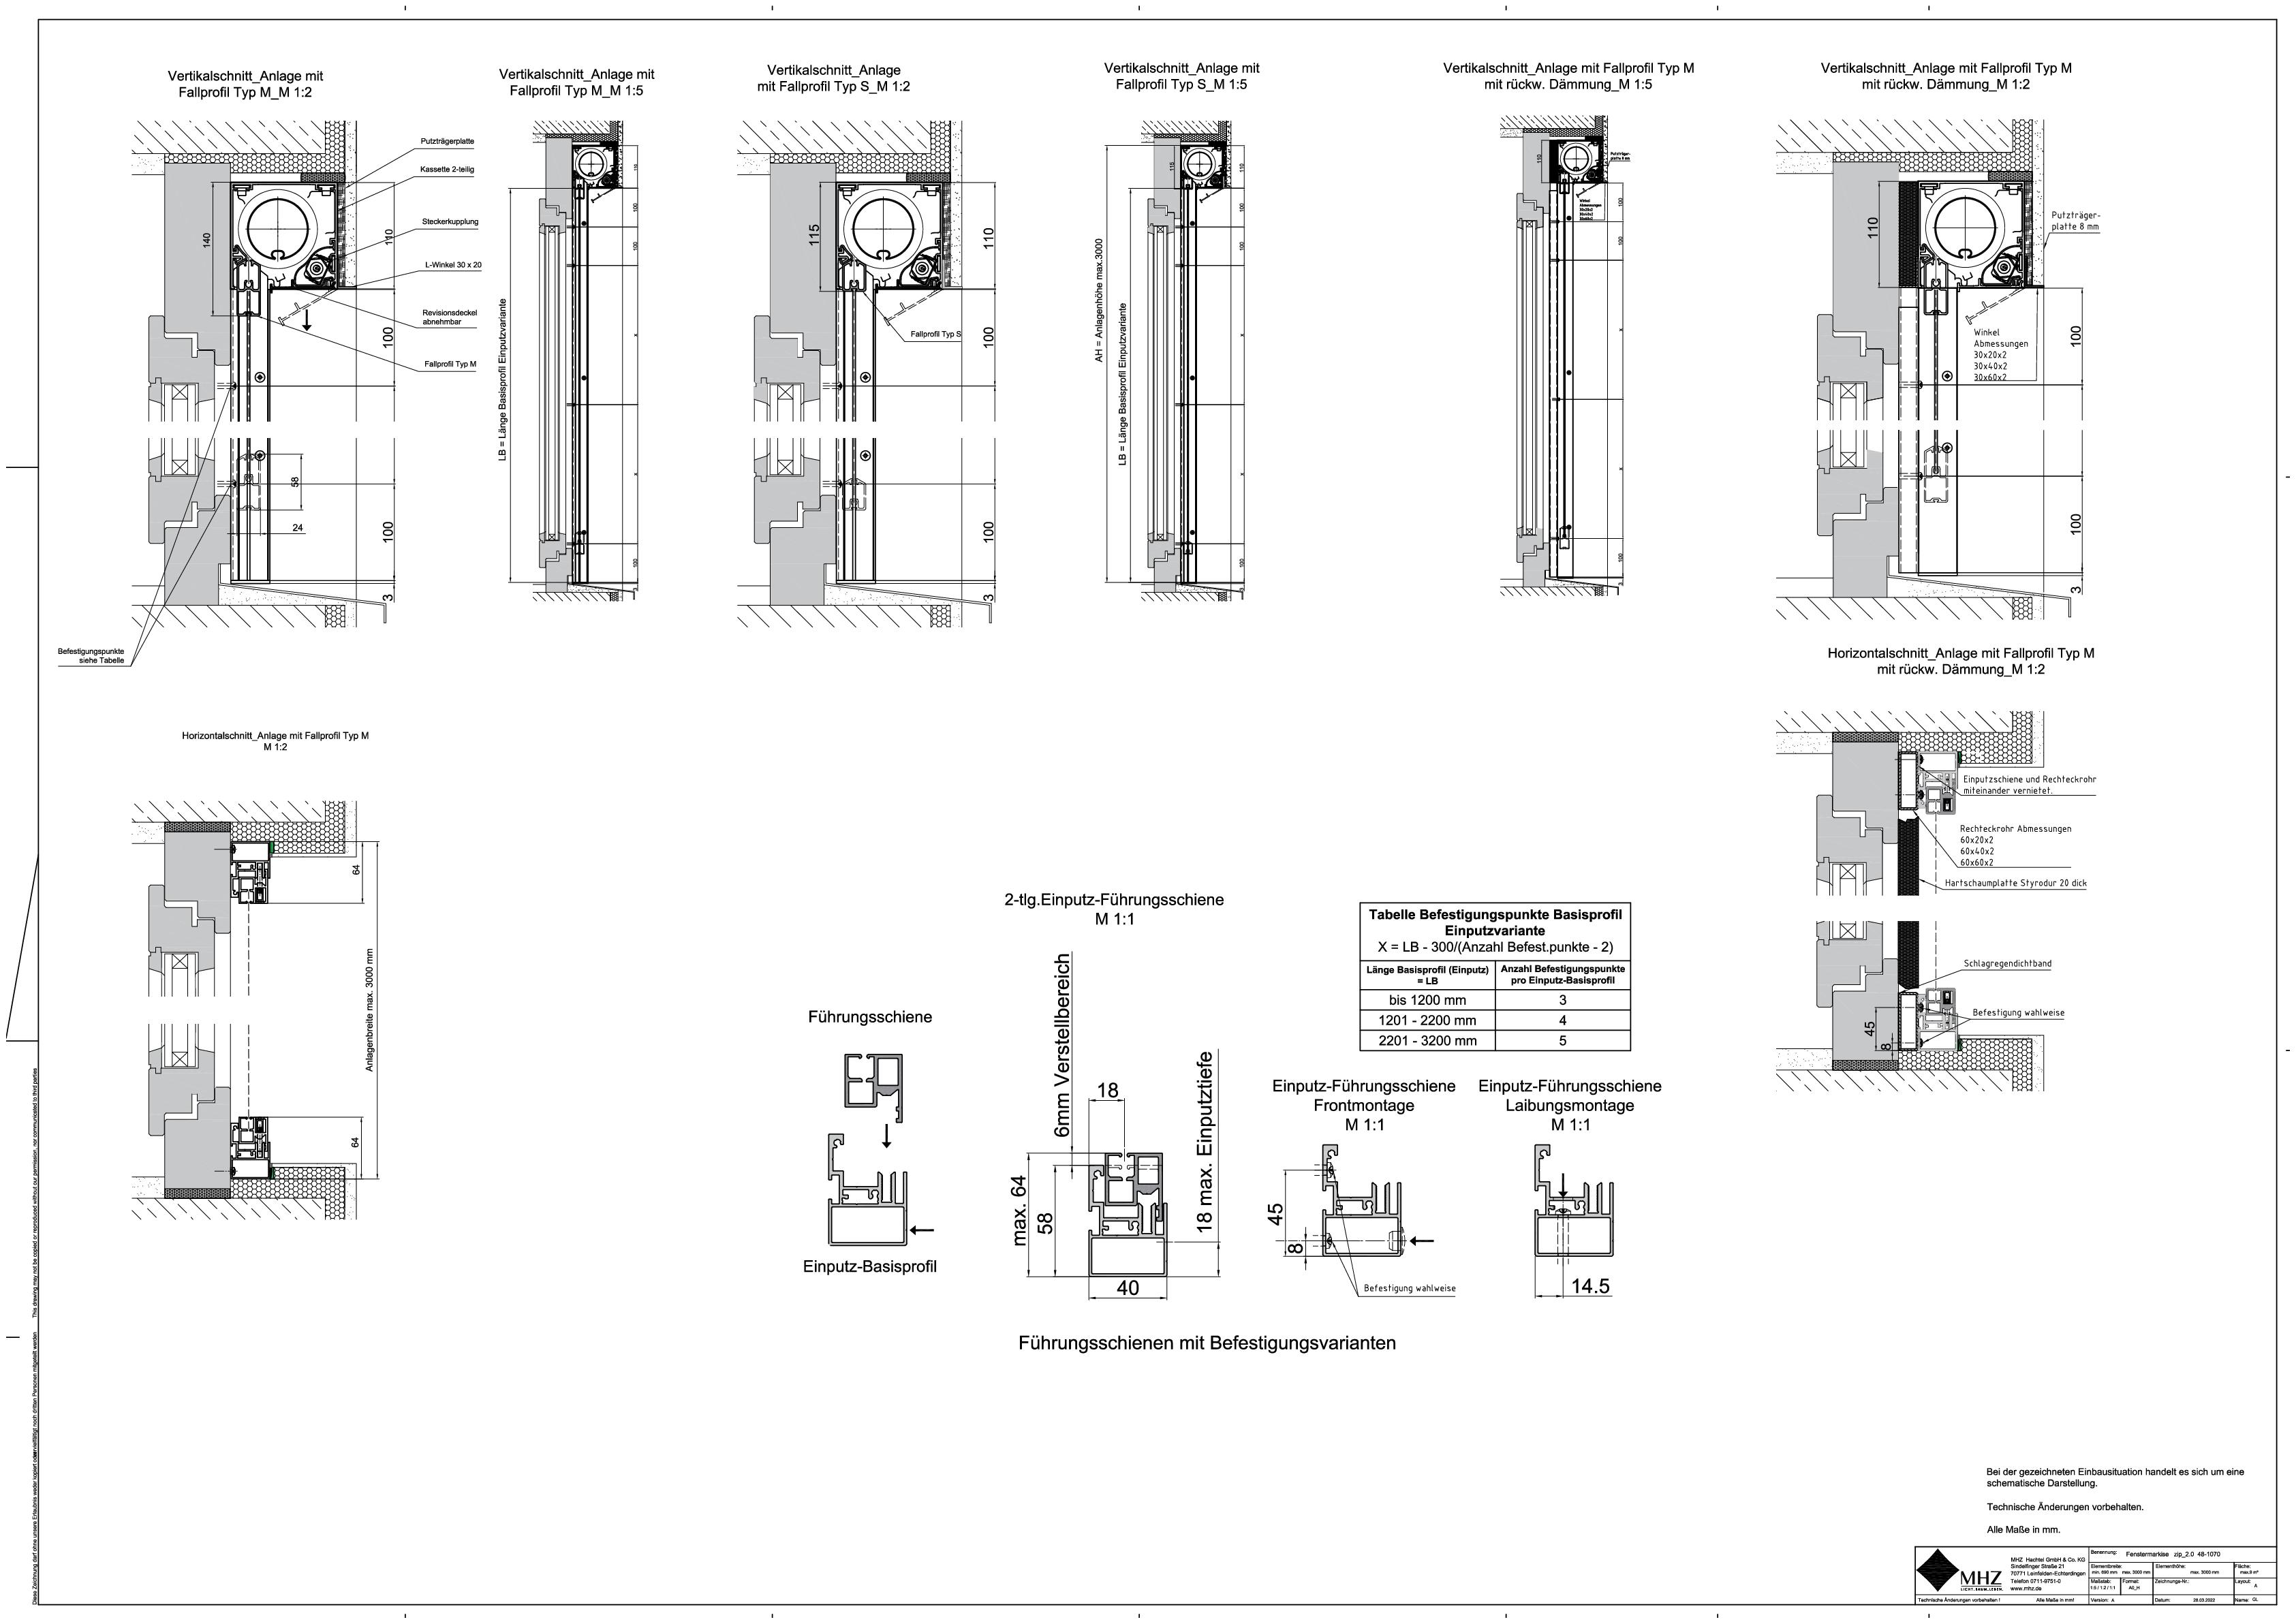 Technische Zeichnung Fenstermarkisen zip_2.0 48-1070 (dwg)